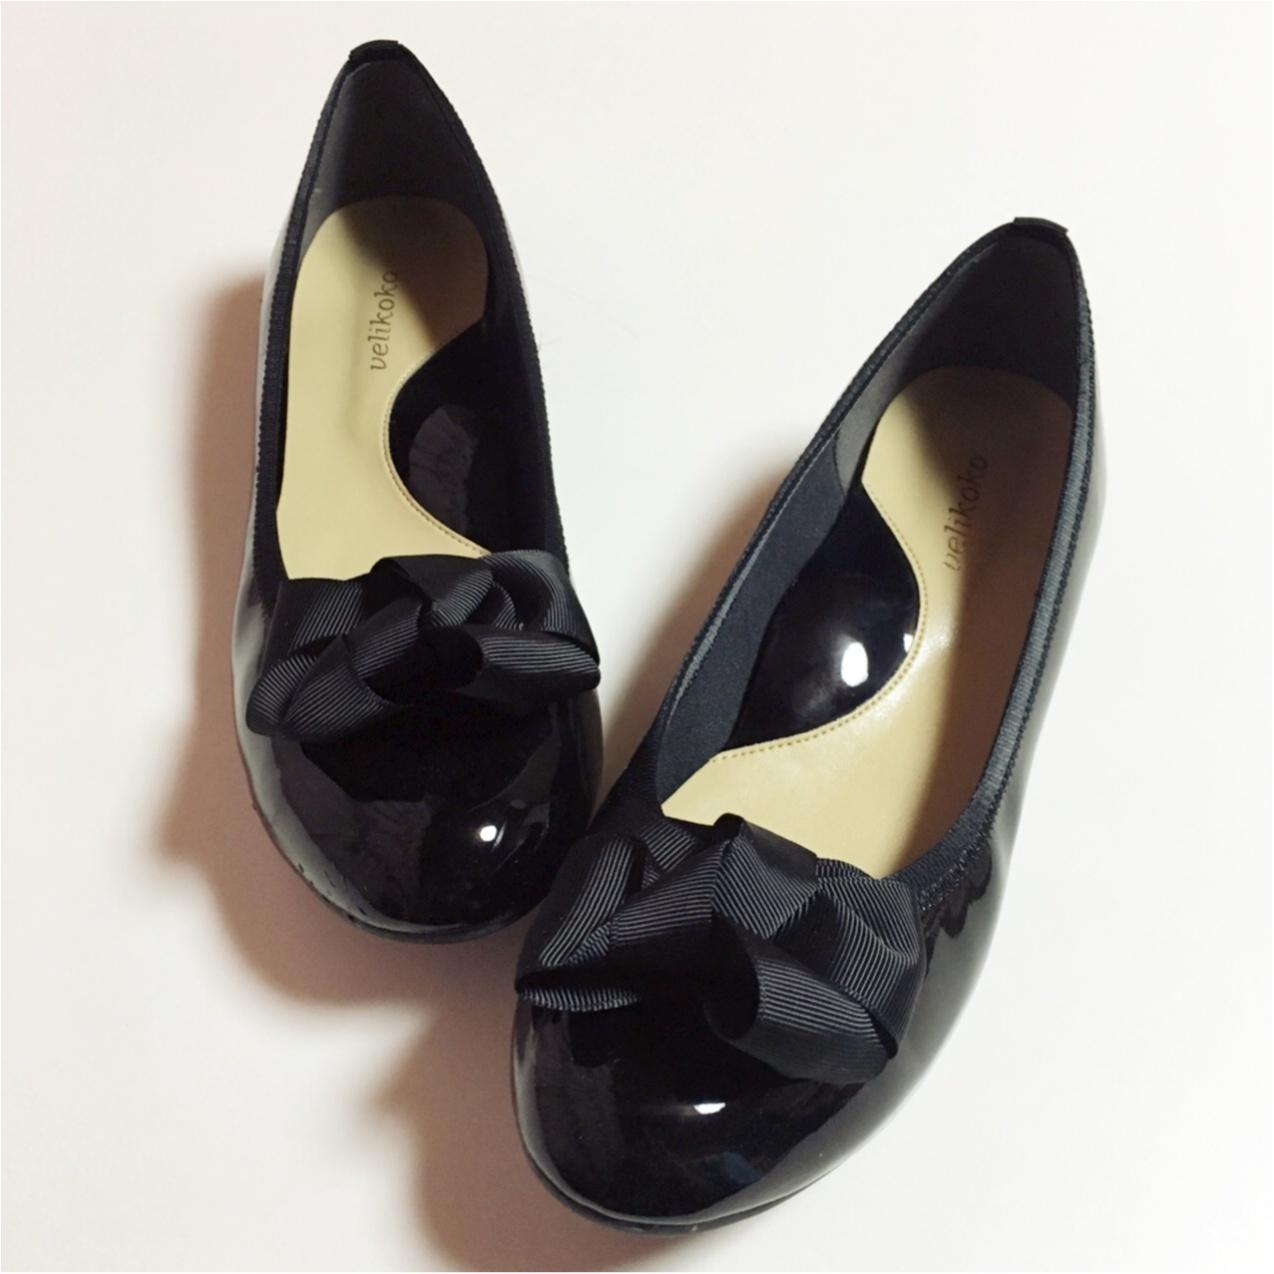 おしゃれではき心地のいい靴が欲しい!マルイのラクチンきれいパンプス♡_2